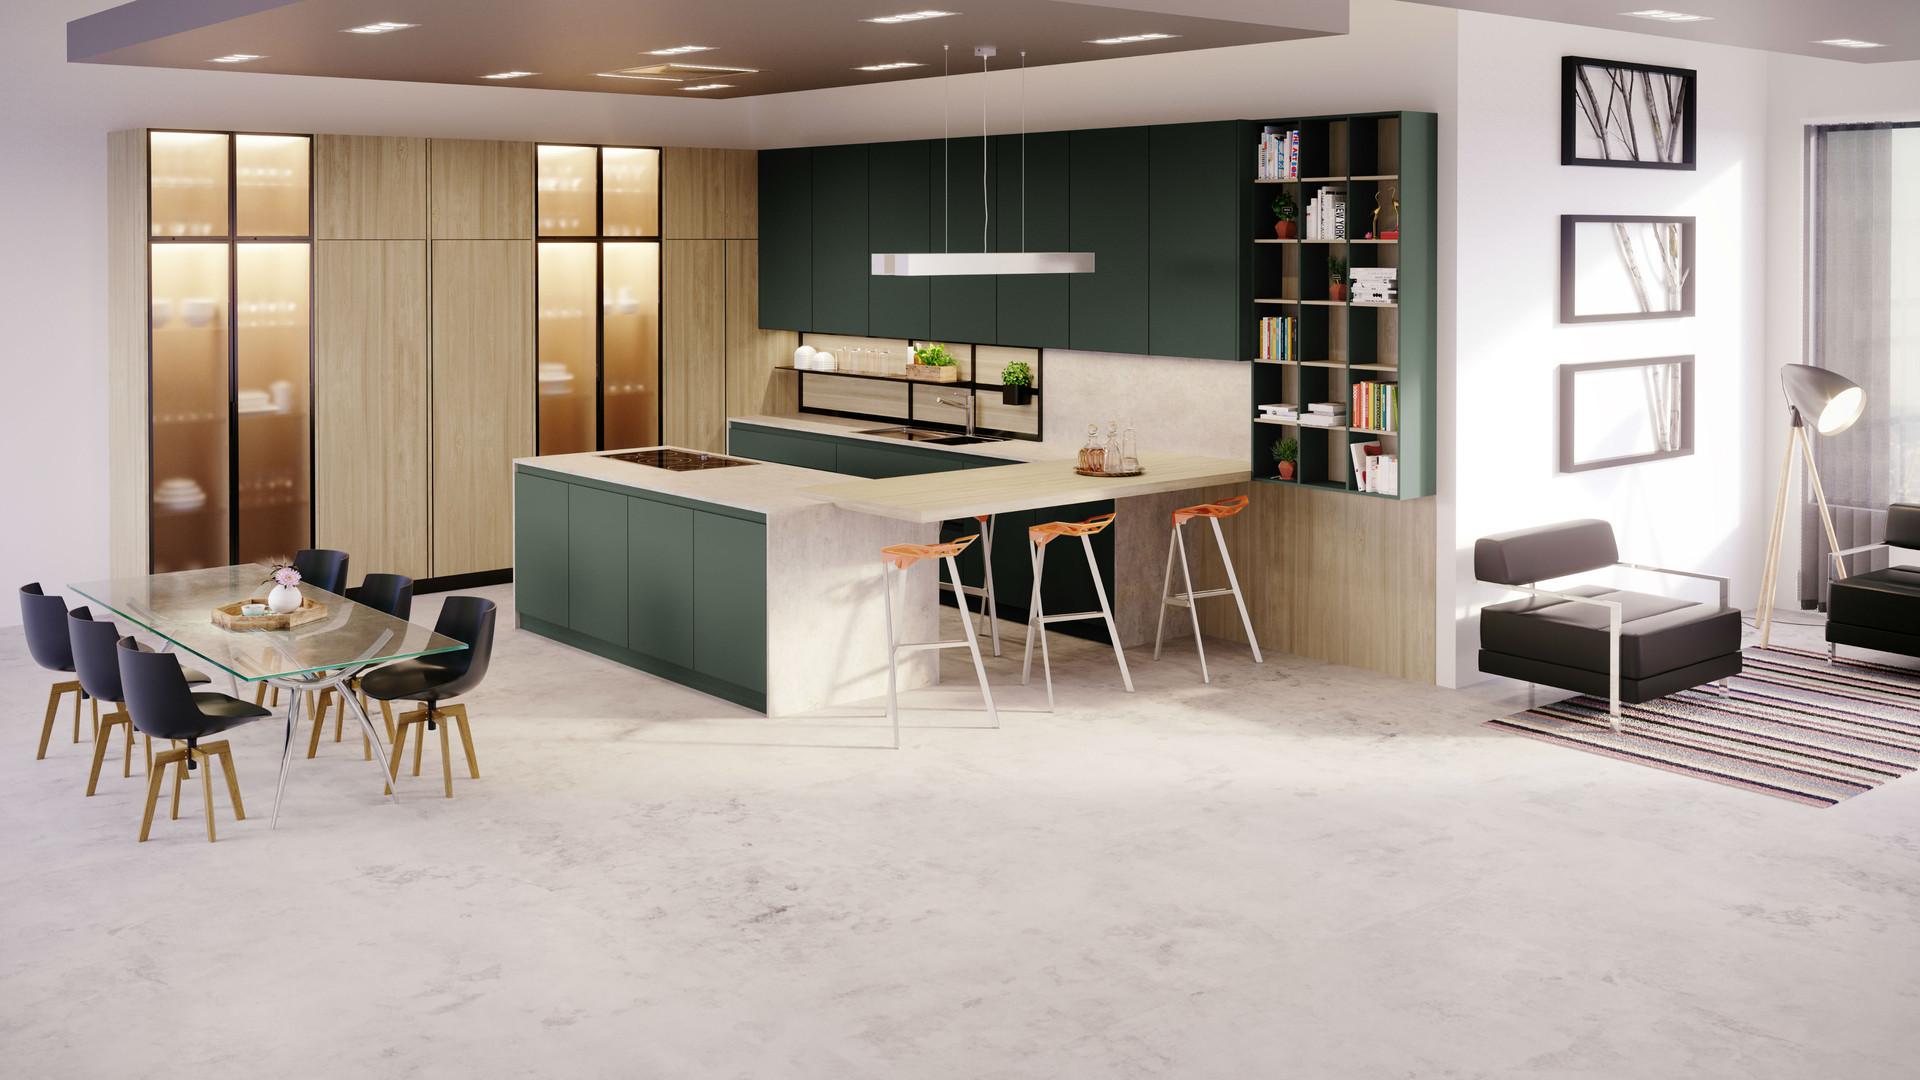 10 - Cocina Fenix Verde Comodoro + Olmo